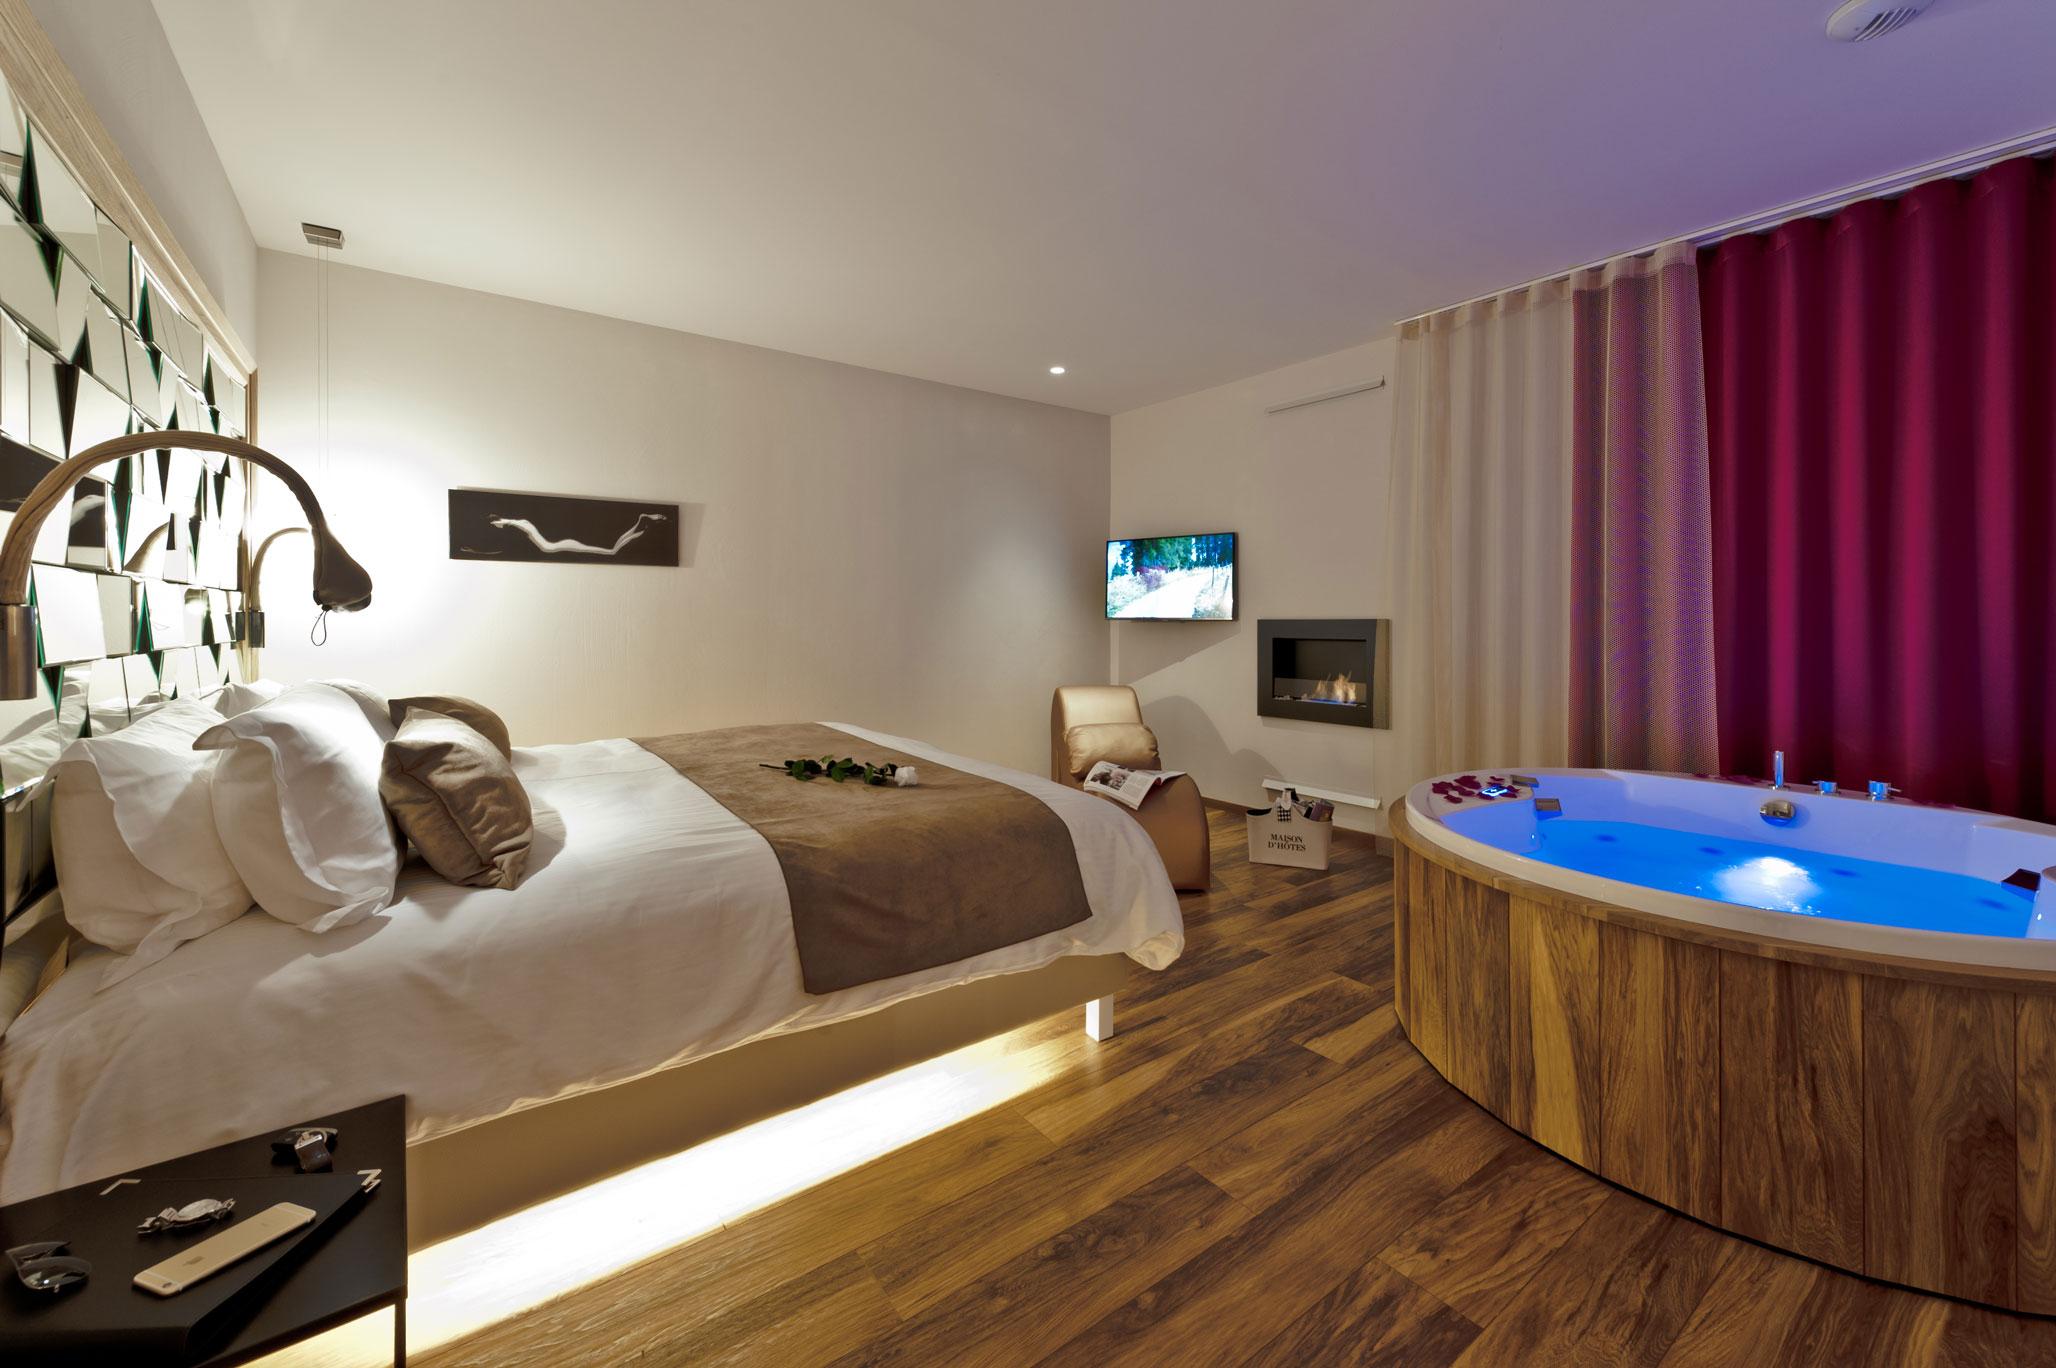 Suite Sensuelle – Suites De La Tour dedans Chambre D Hotel Avec Jacuzzi Privé